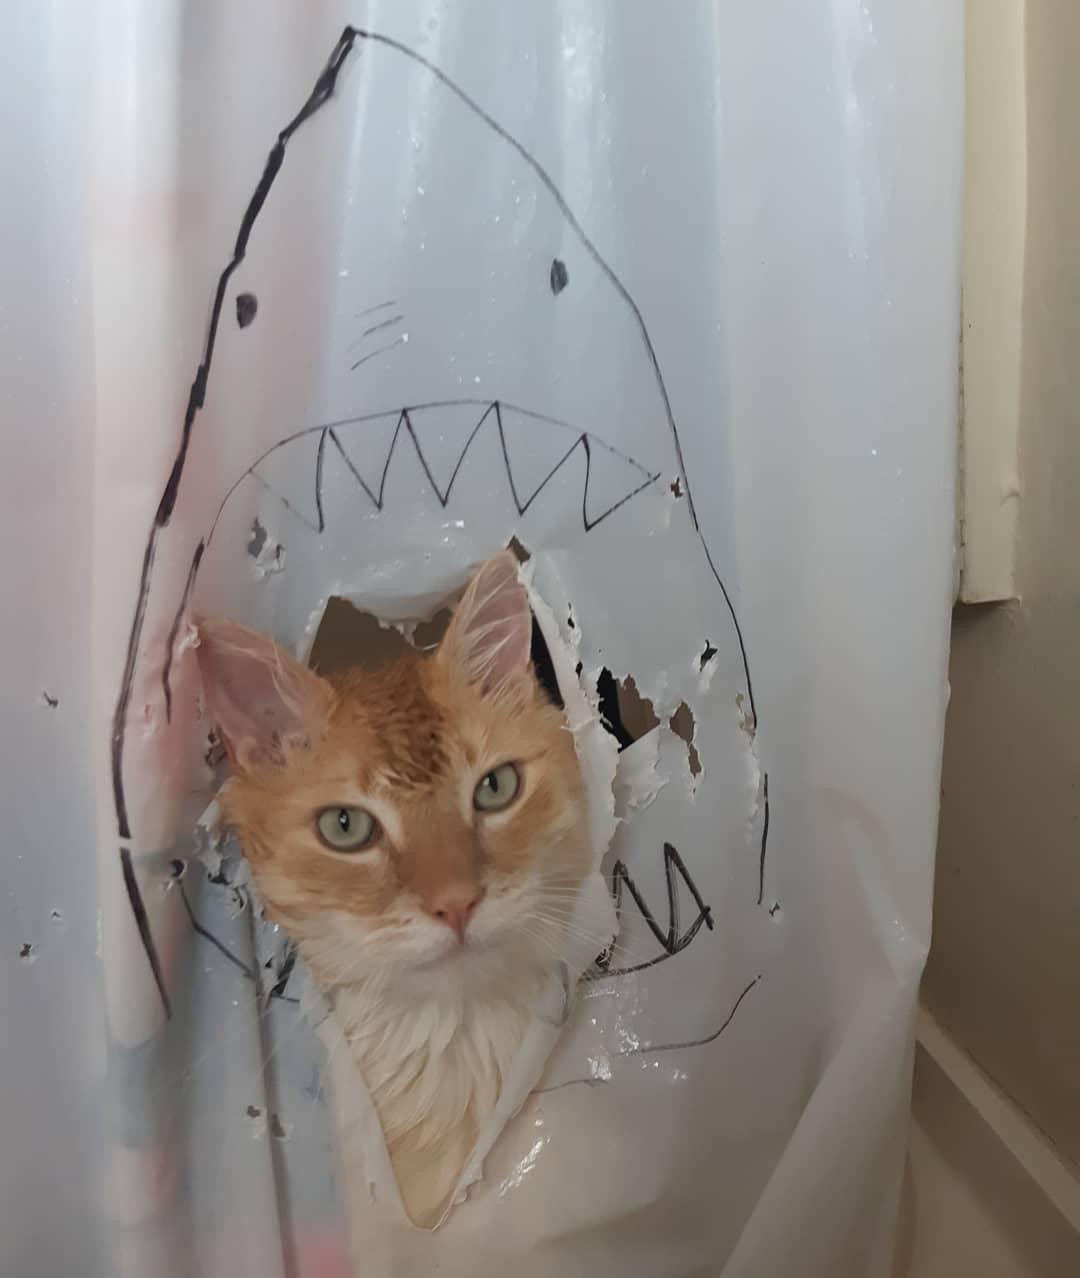 62540248 2471429599581180 2863044567796110004 n - Кот рвал шторки в ванной, и хозяйка решила это исправить — она начала дополнять дырки рисунками